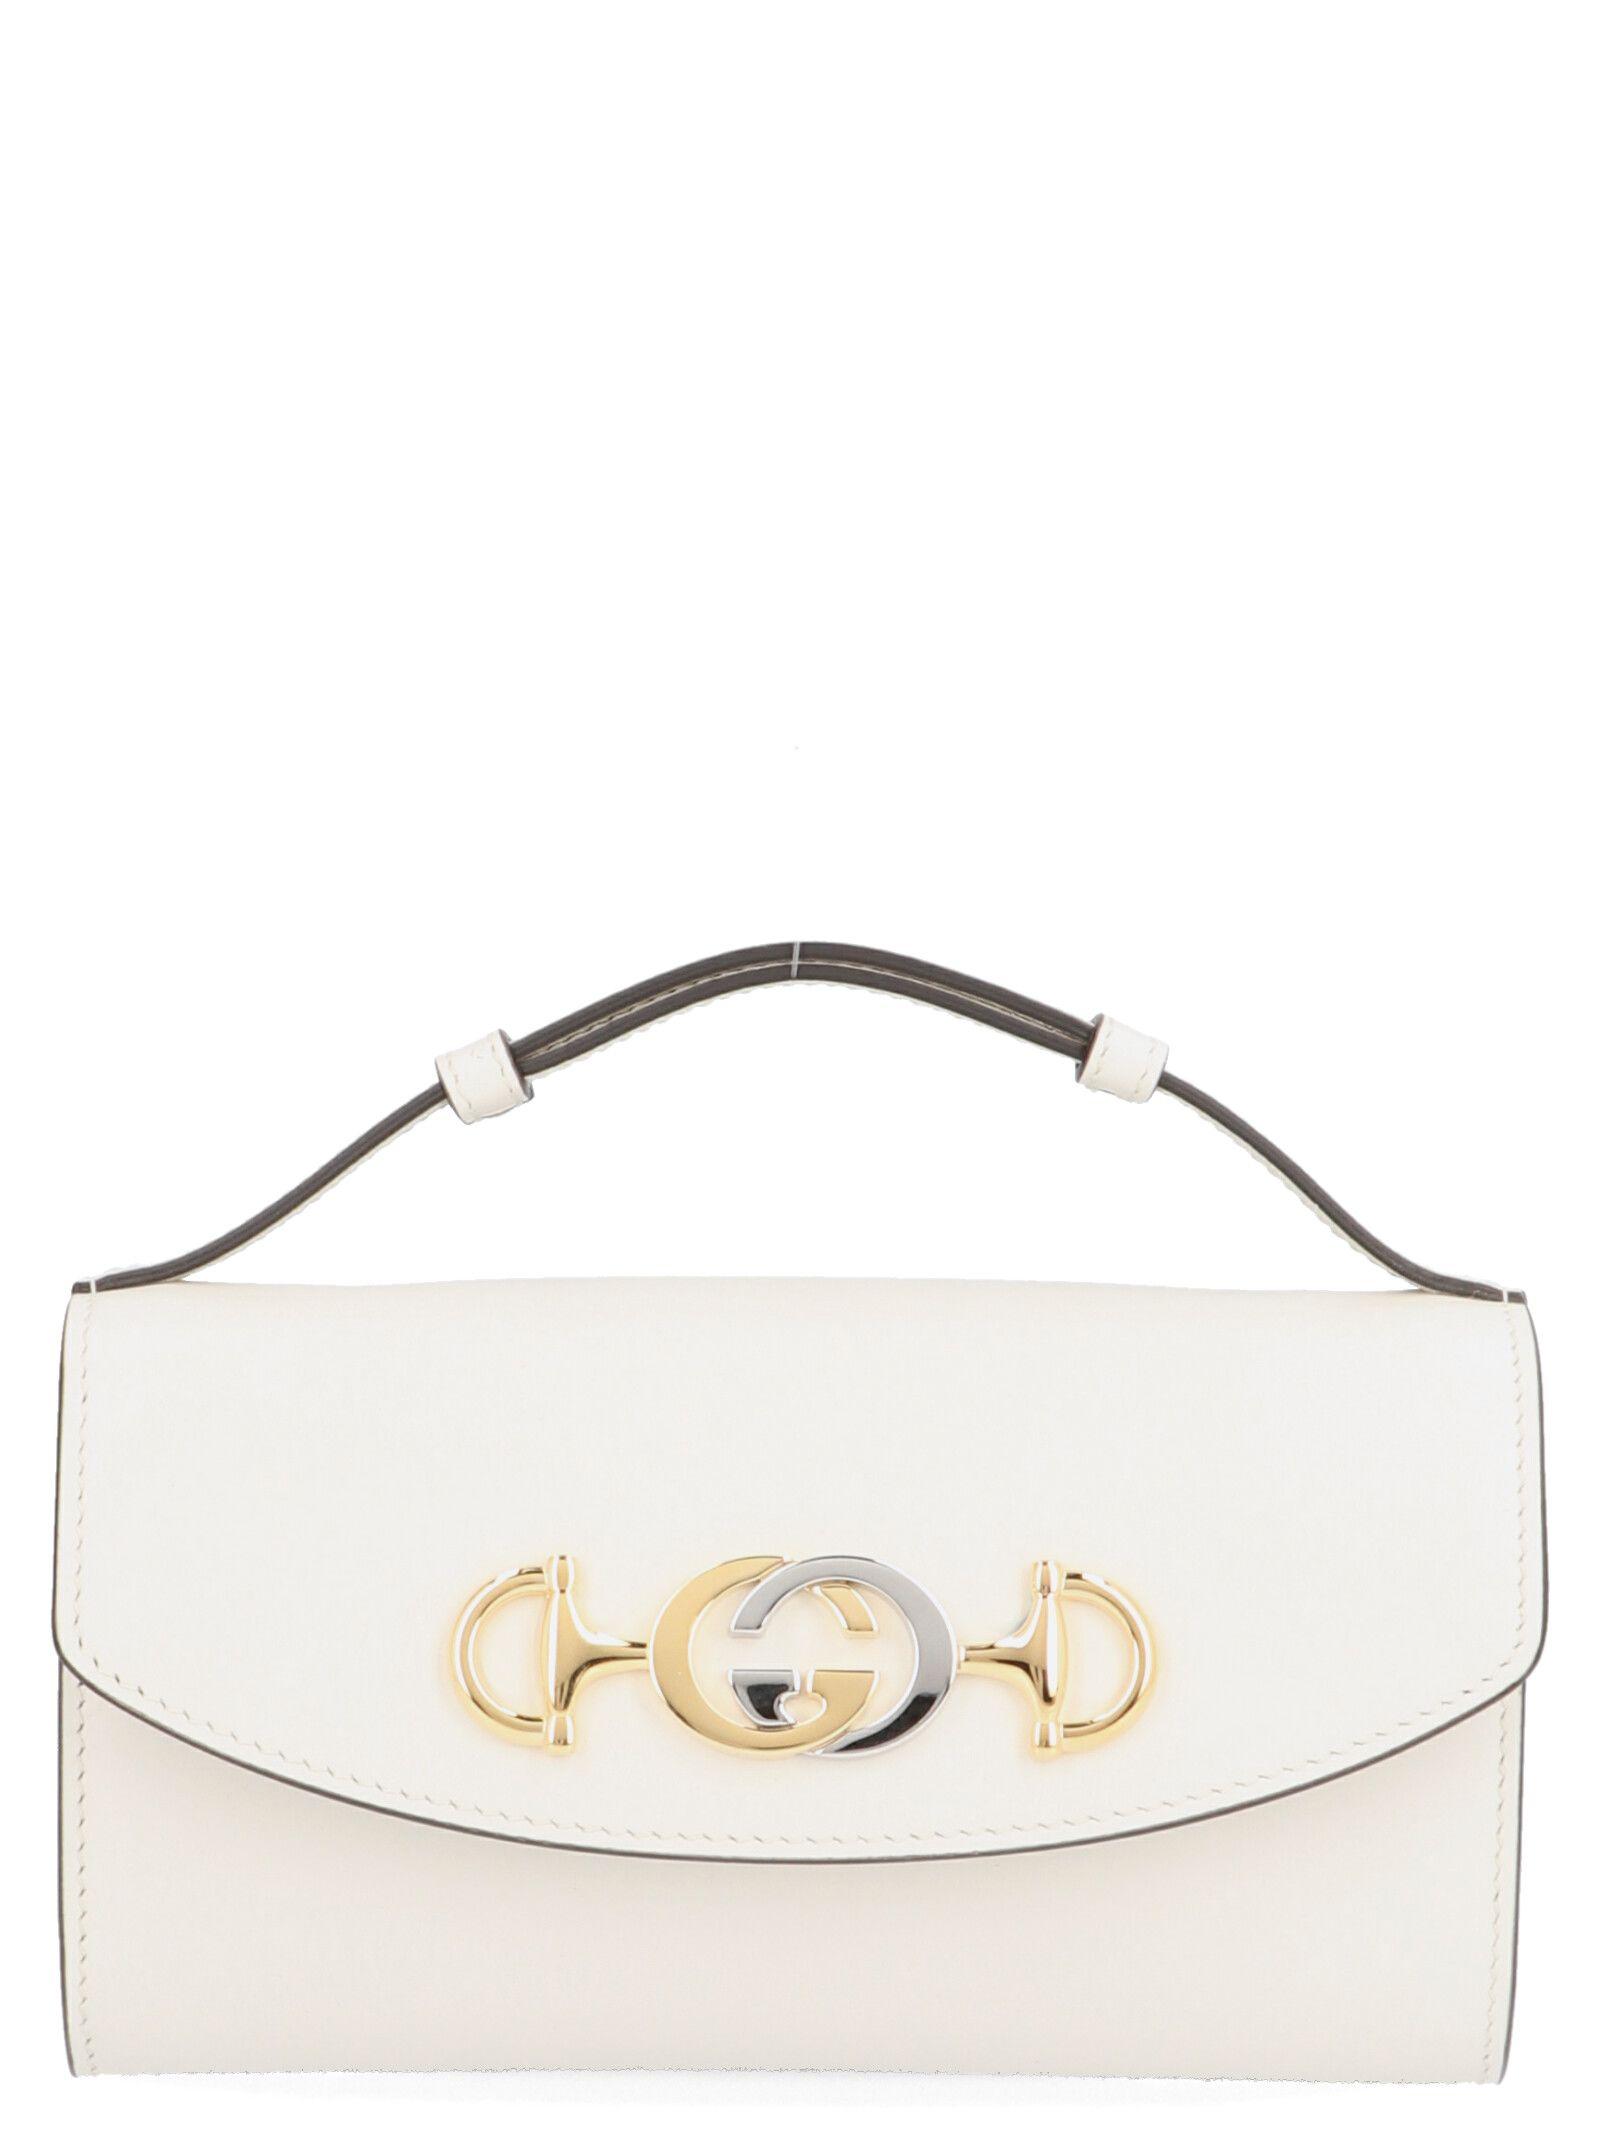 2eb62a0c0 Gucci 'gucci Zumi' Bag - Female First Shopping